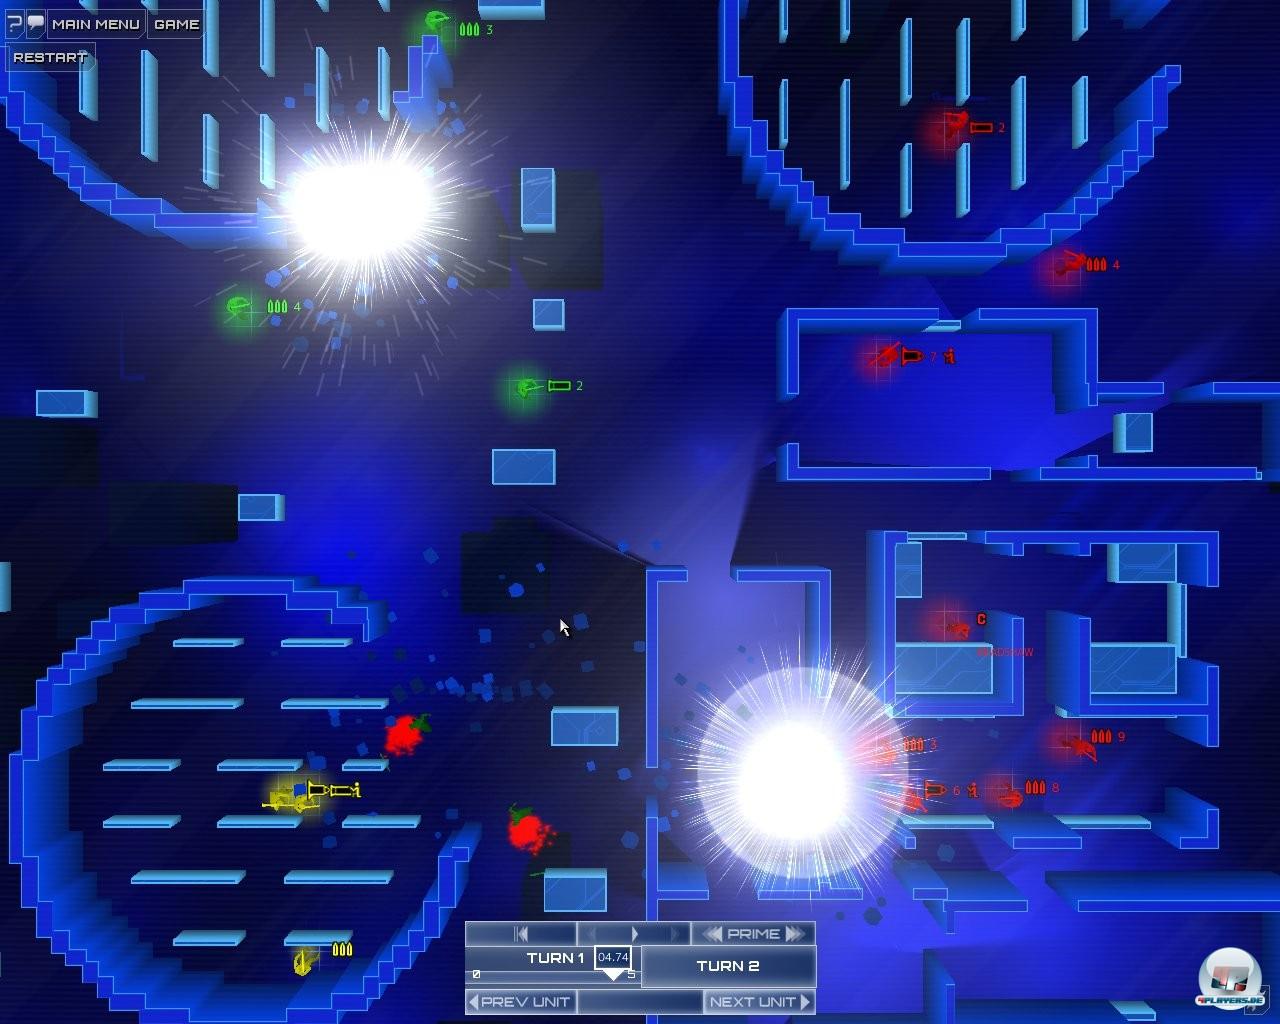 Blau ist die Farbe des Spiels: Im unterkühlten Ambiente entwickeln sich heiße Gefechte.